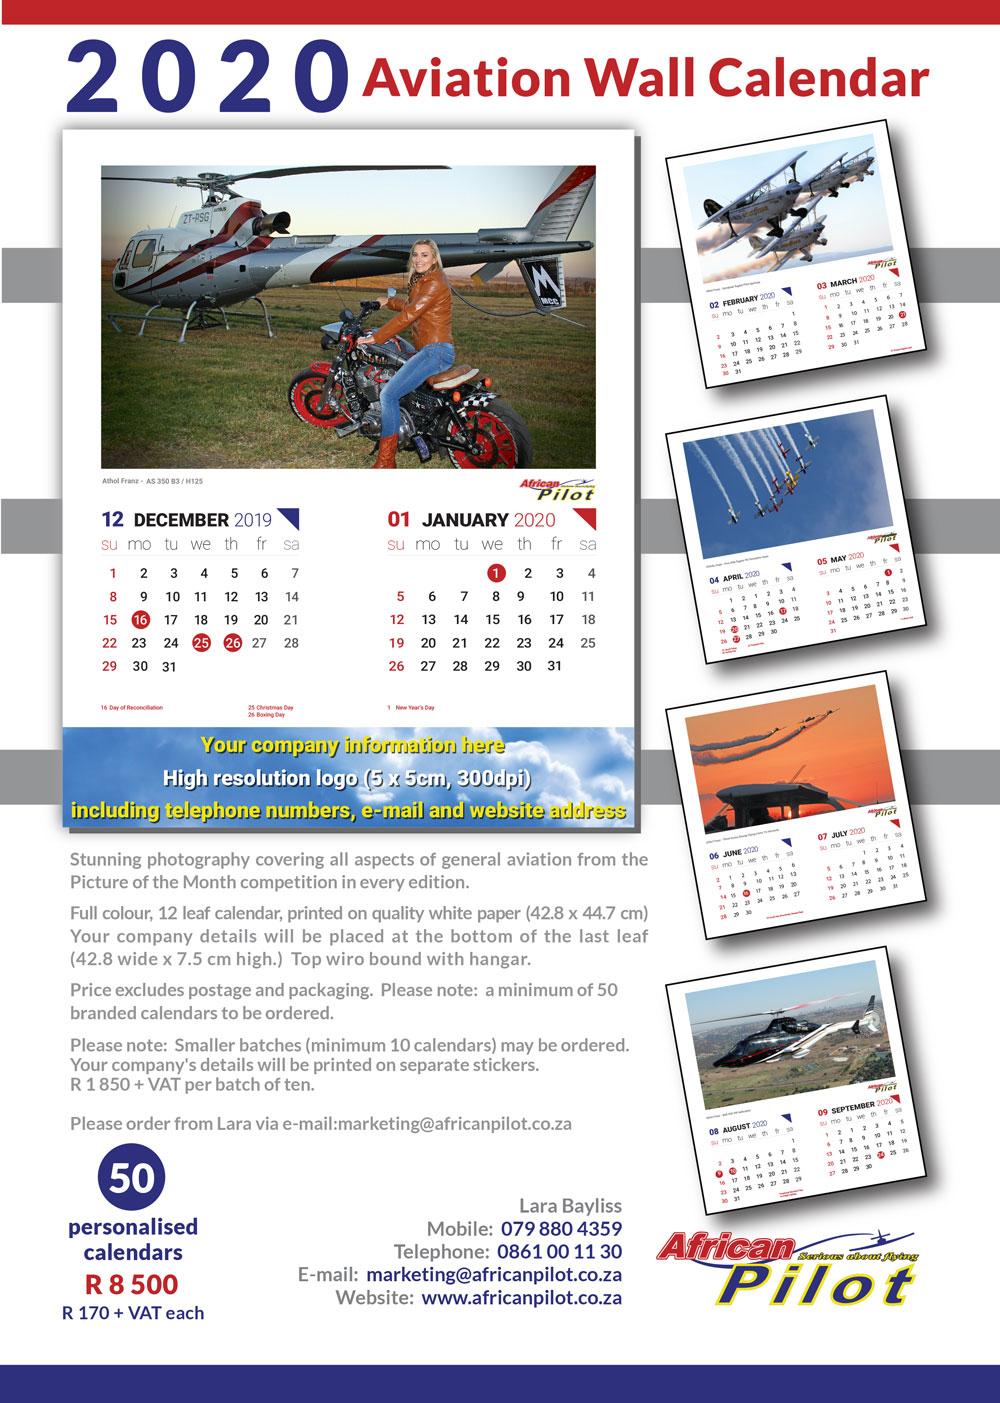 African Pilot Executive Wall Calendar 2020